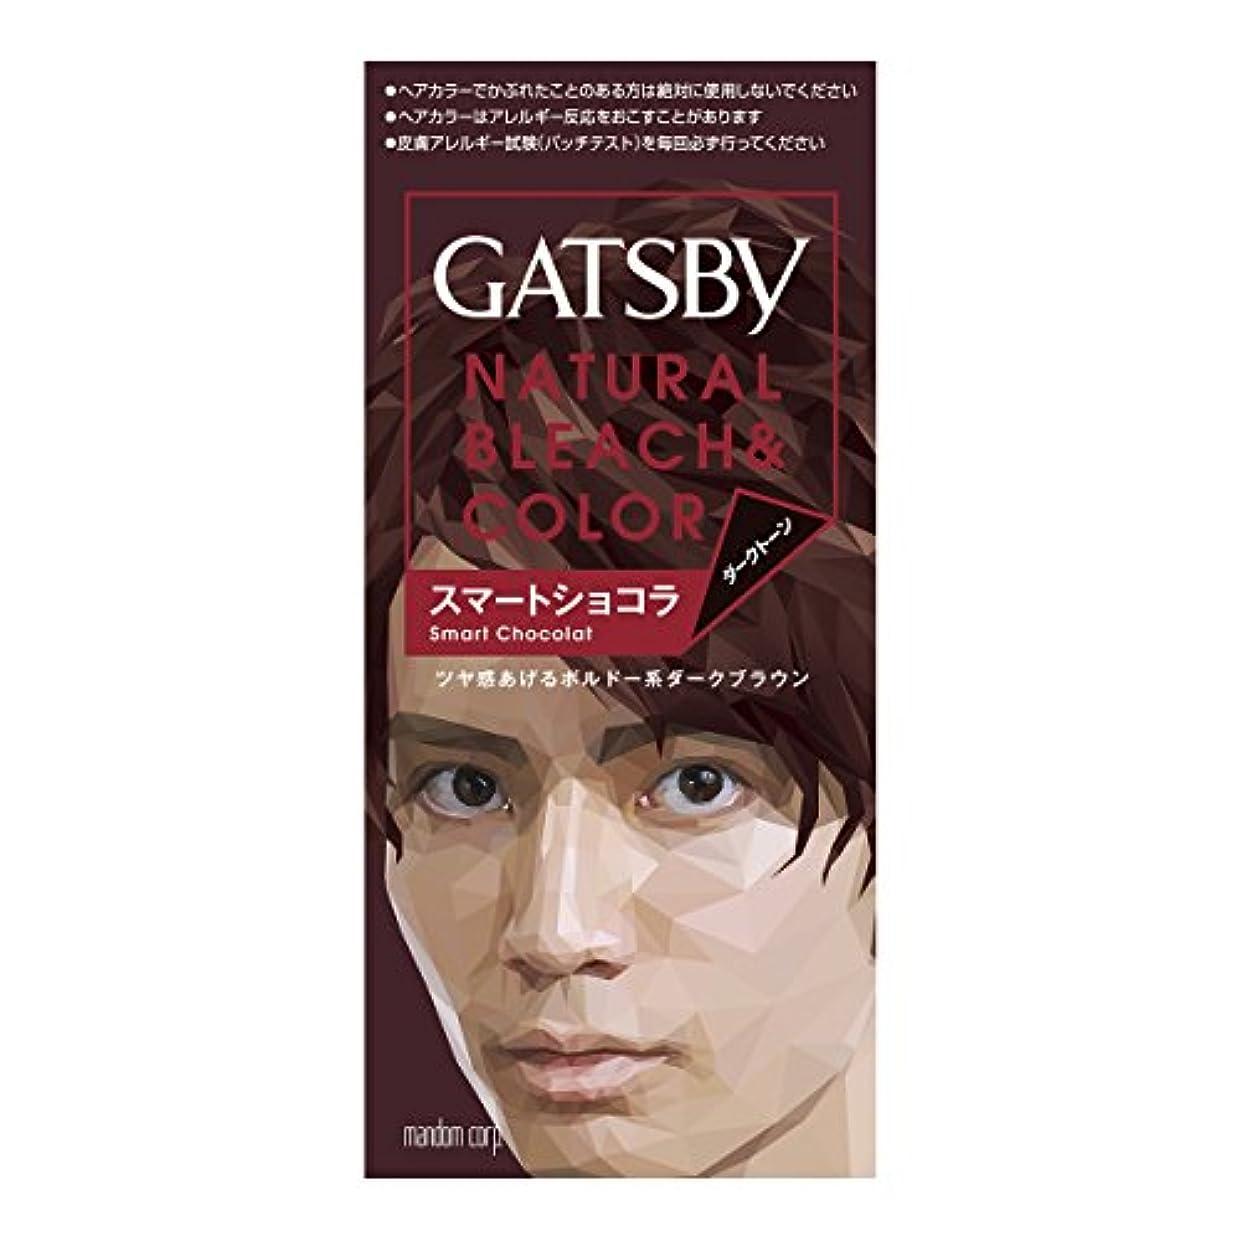 ギャツビー ナチュラルブリーチカラー スマートショコラ 35g+70mL (医薬部外品)